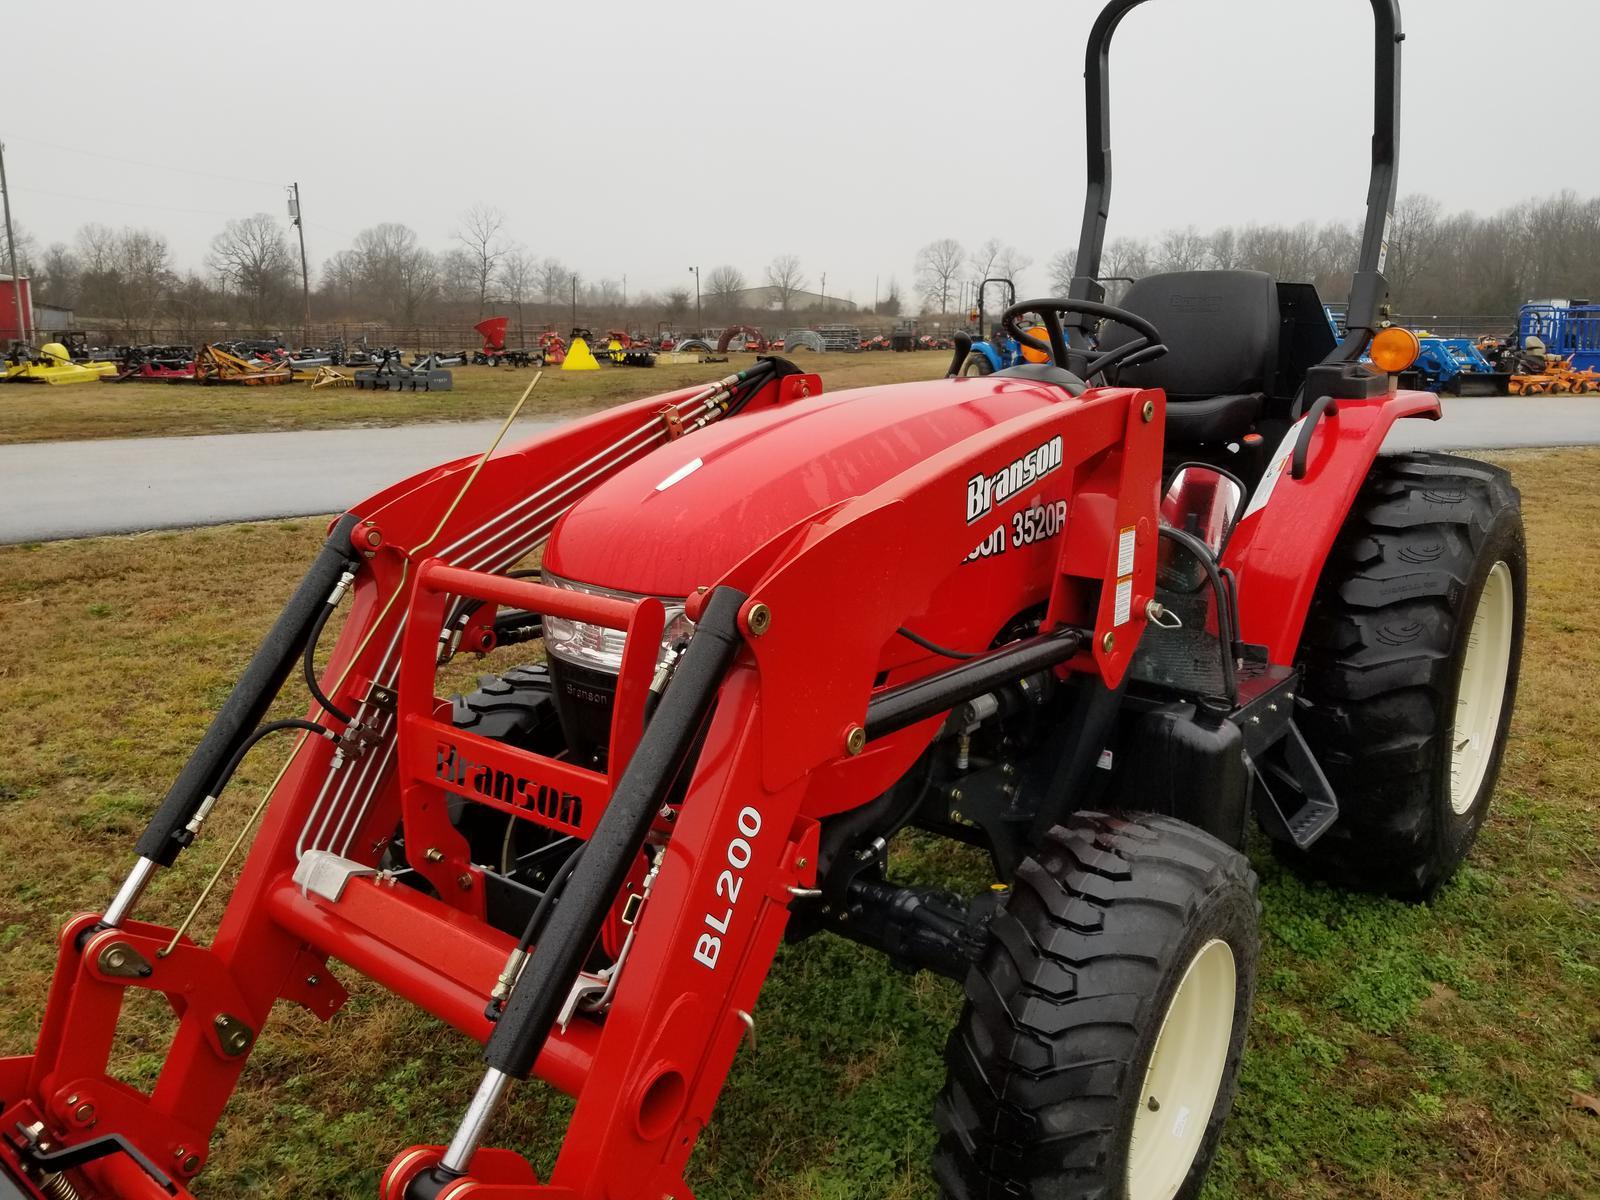 2018 Branson 3520R for sale in Ash Flat, AR  Tri-County Farm & Ranch